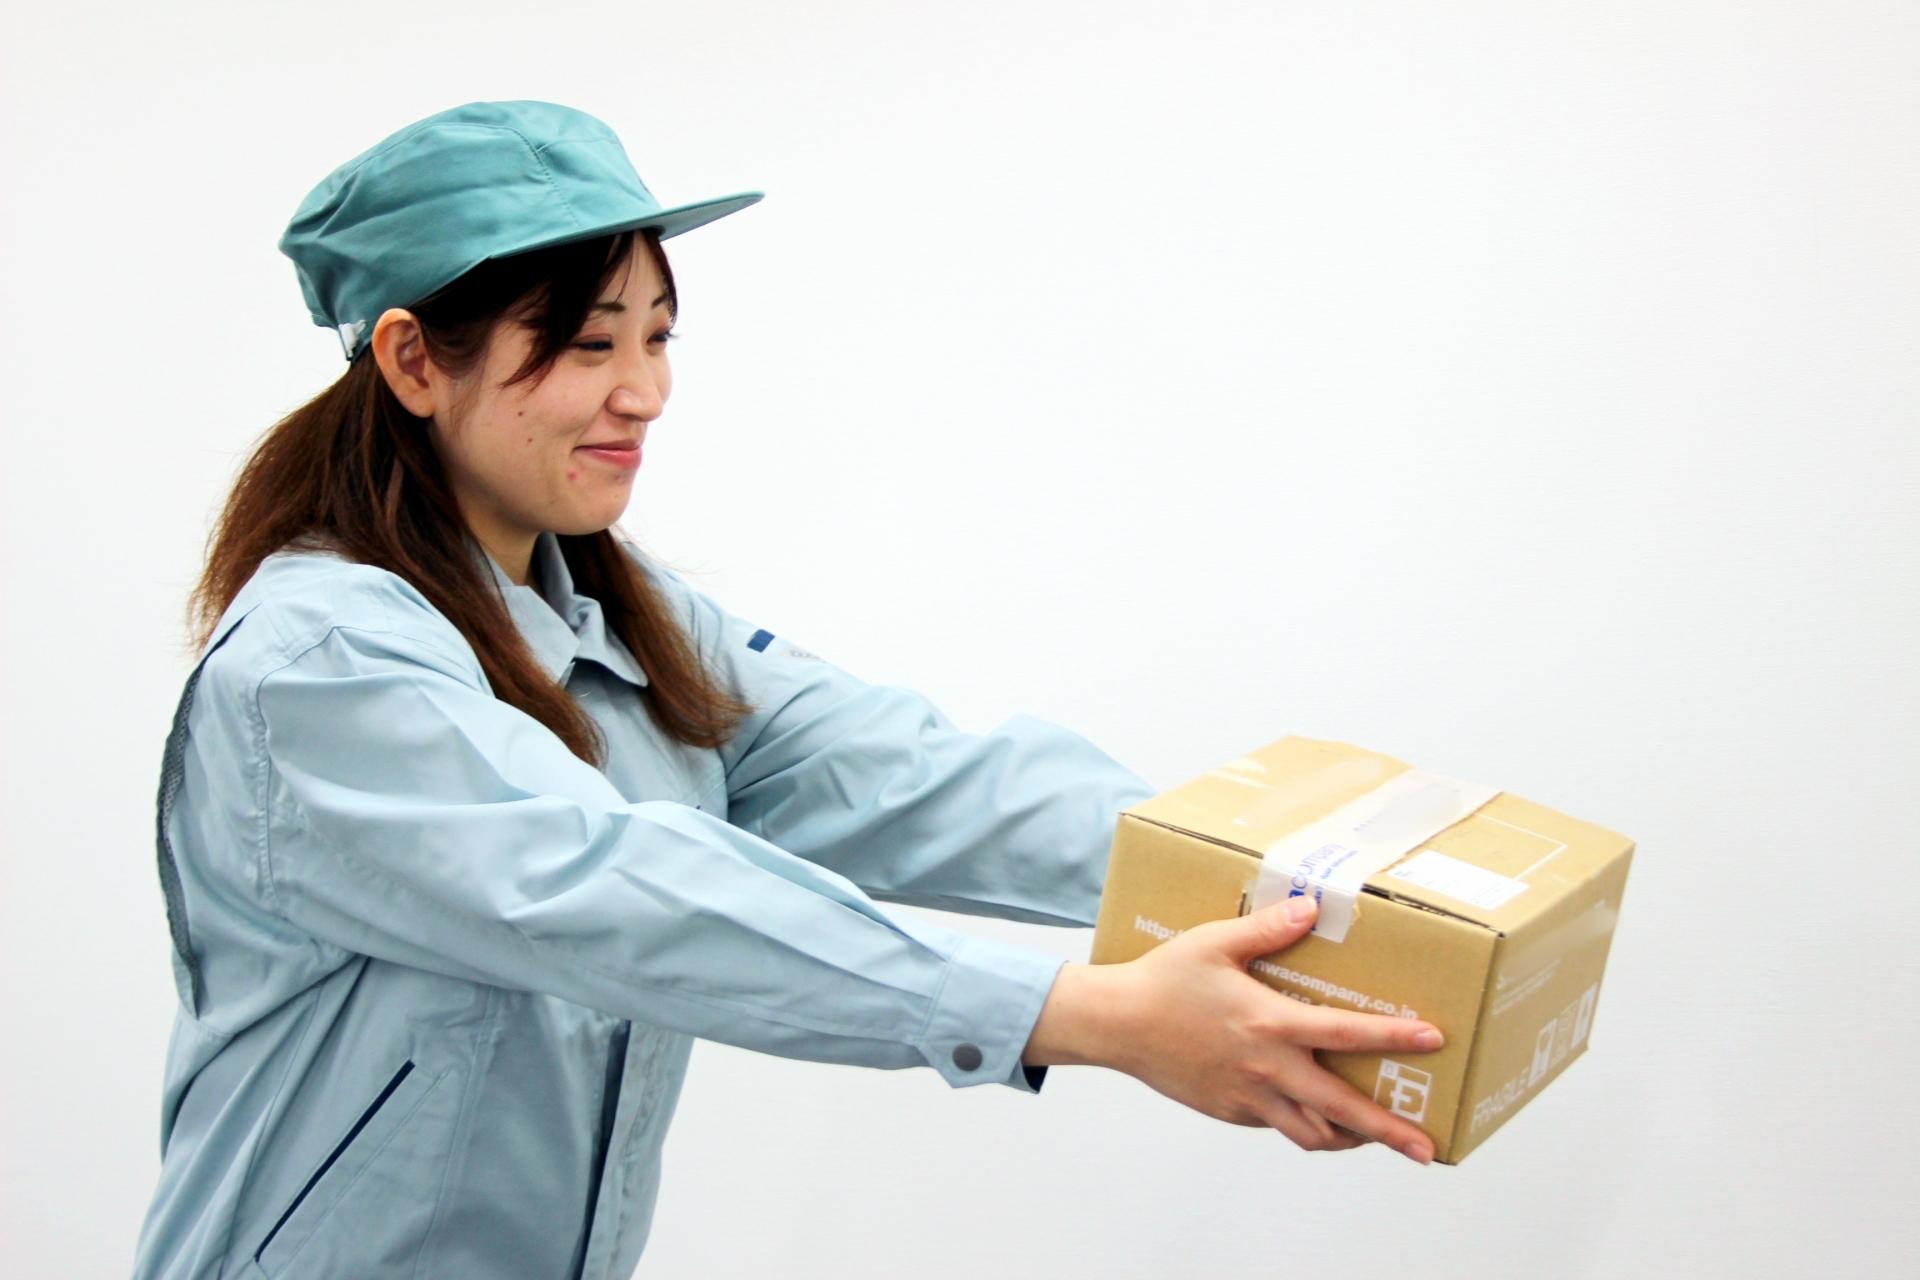 【東京都品川区】パスタ等の食料品の検品や仕分け作業